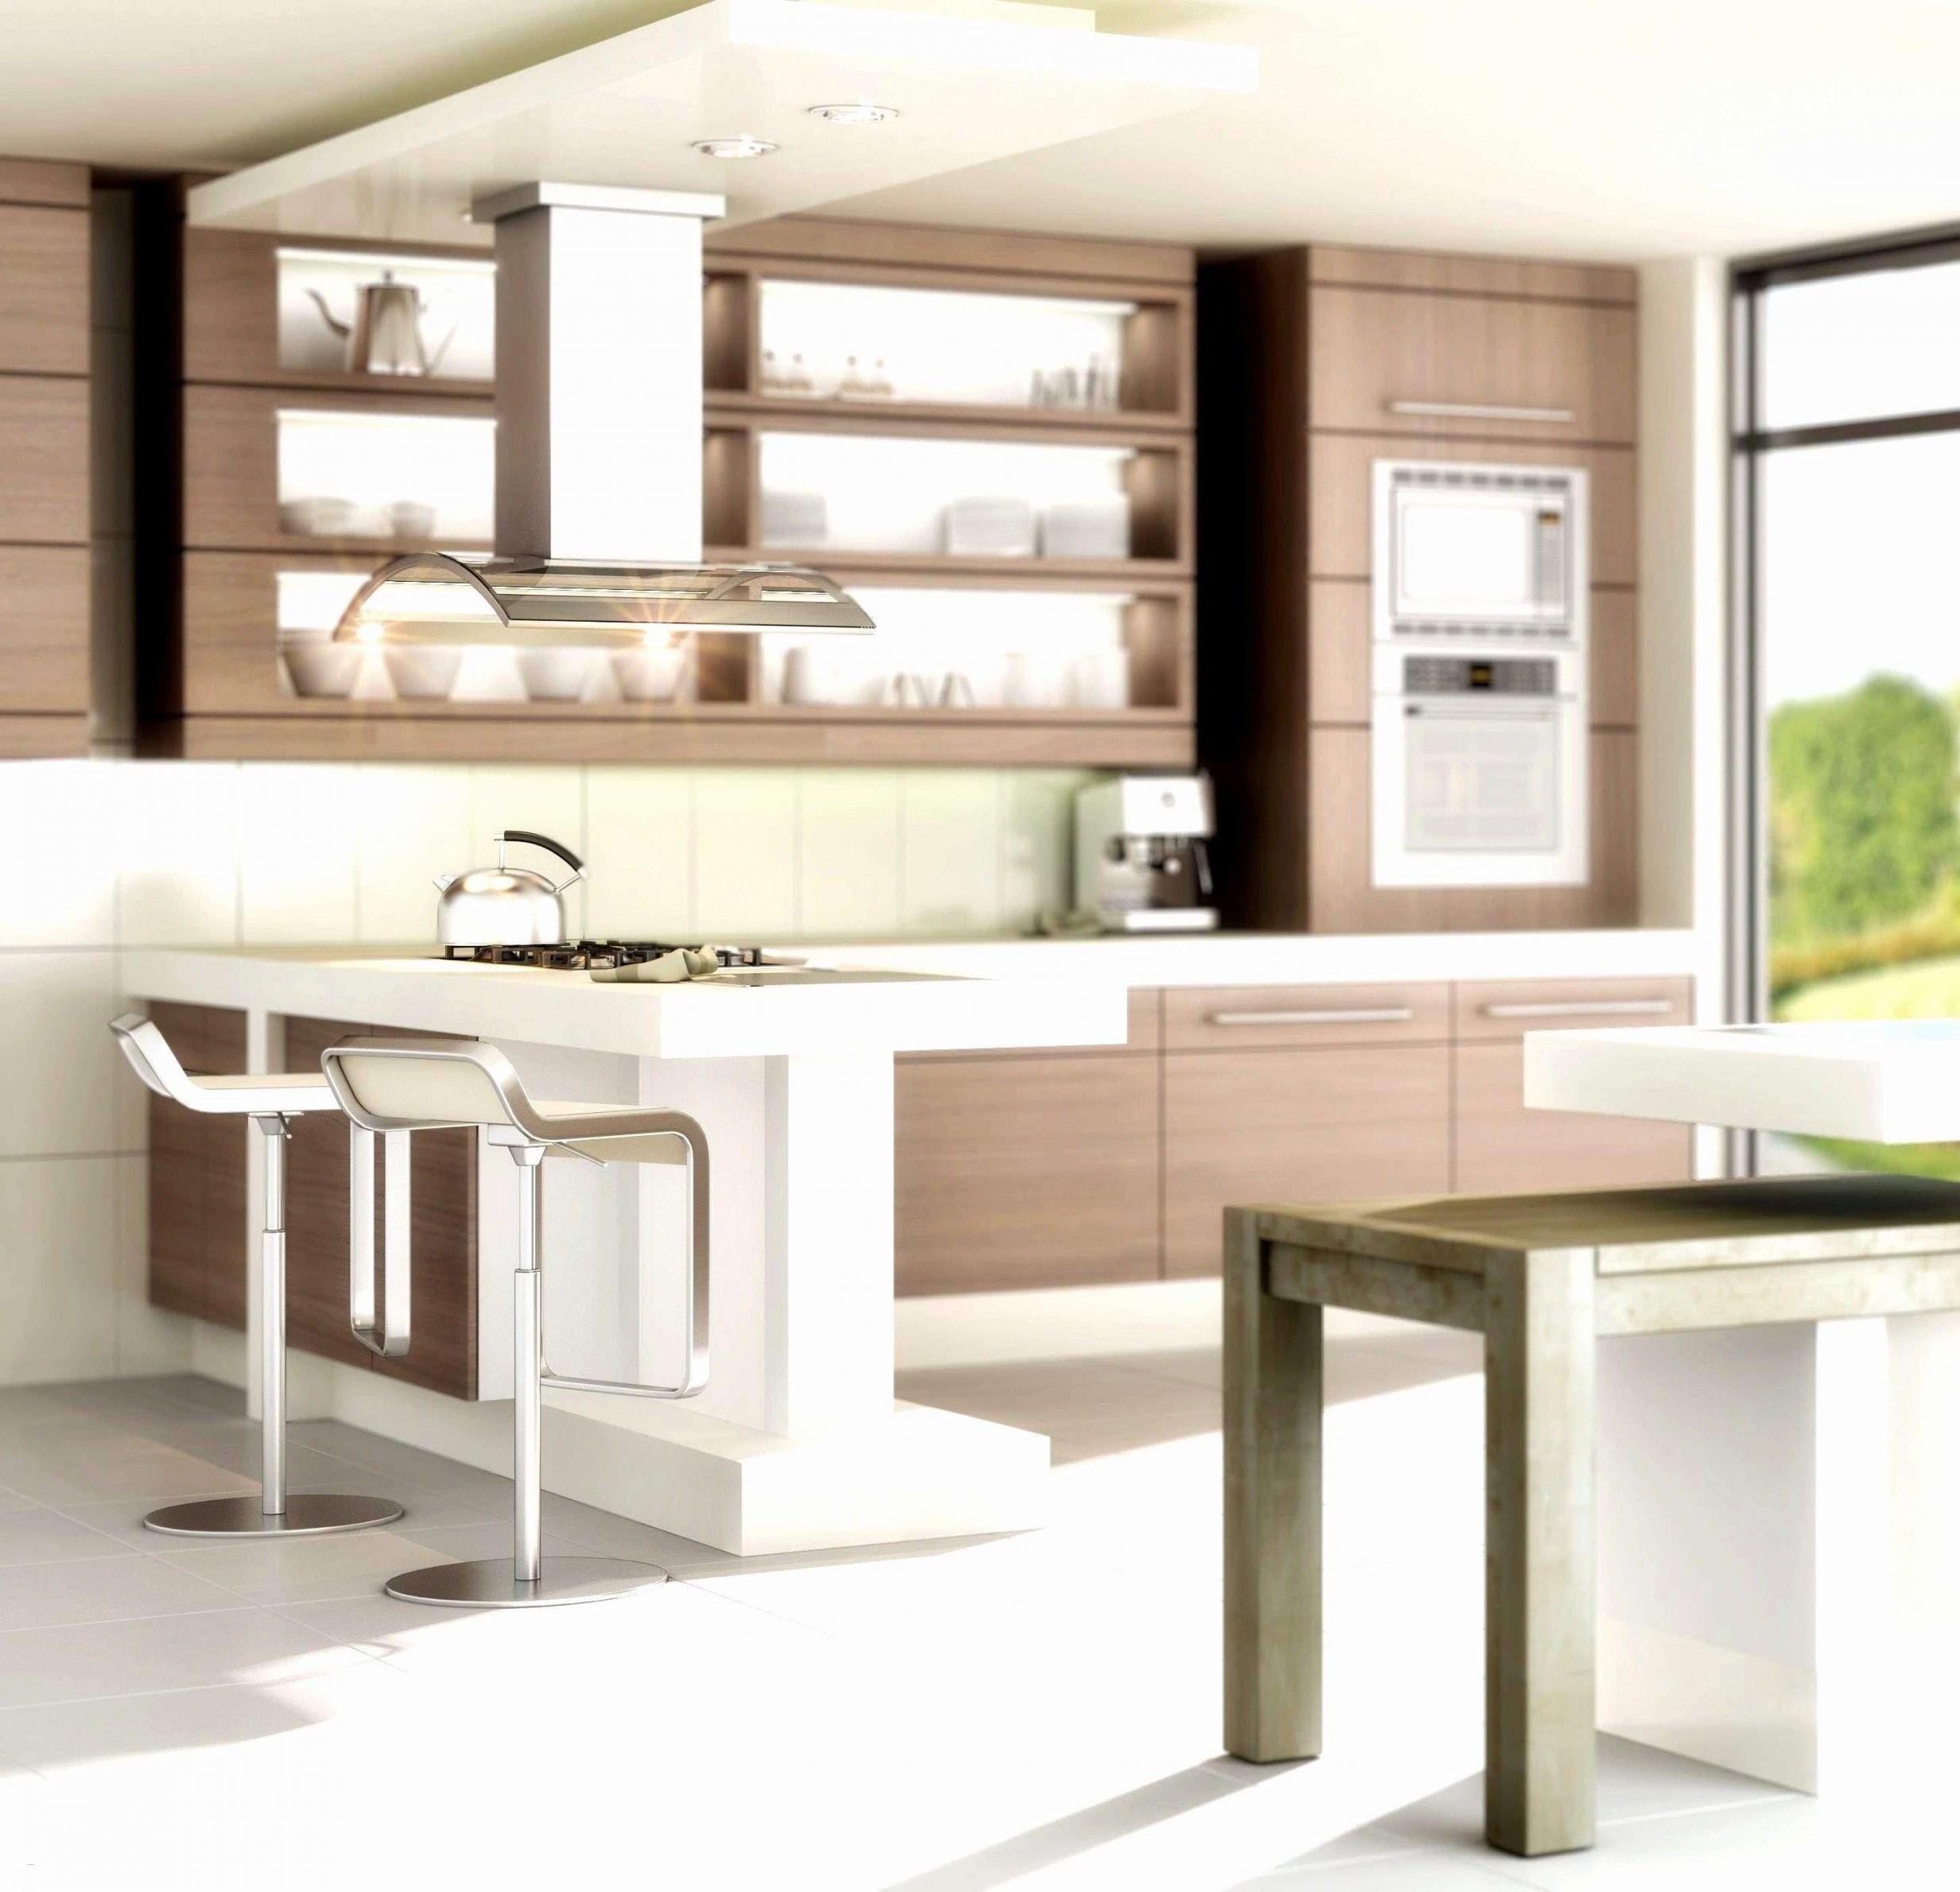 Mülleimer Küche Ideen  Inspiration Haus Tolle Luxus 28 Duschkabinen von Mülleimer Küche Design Bild